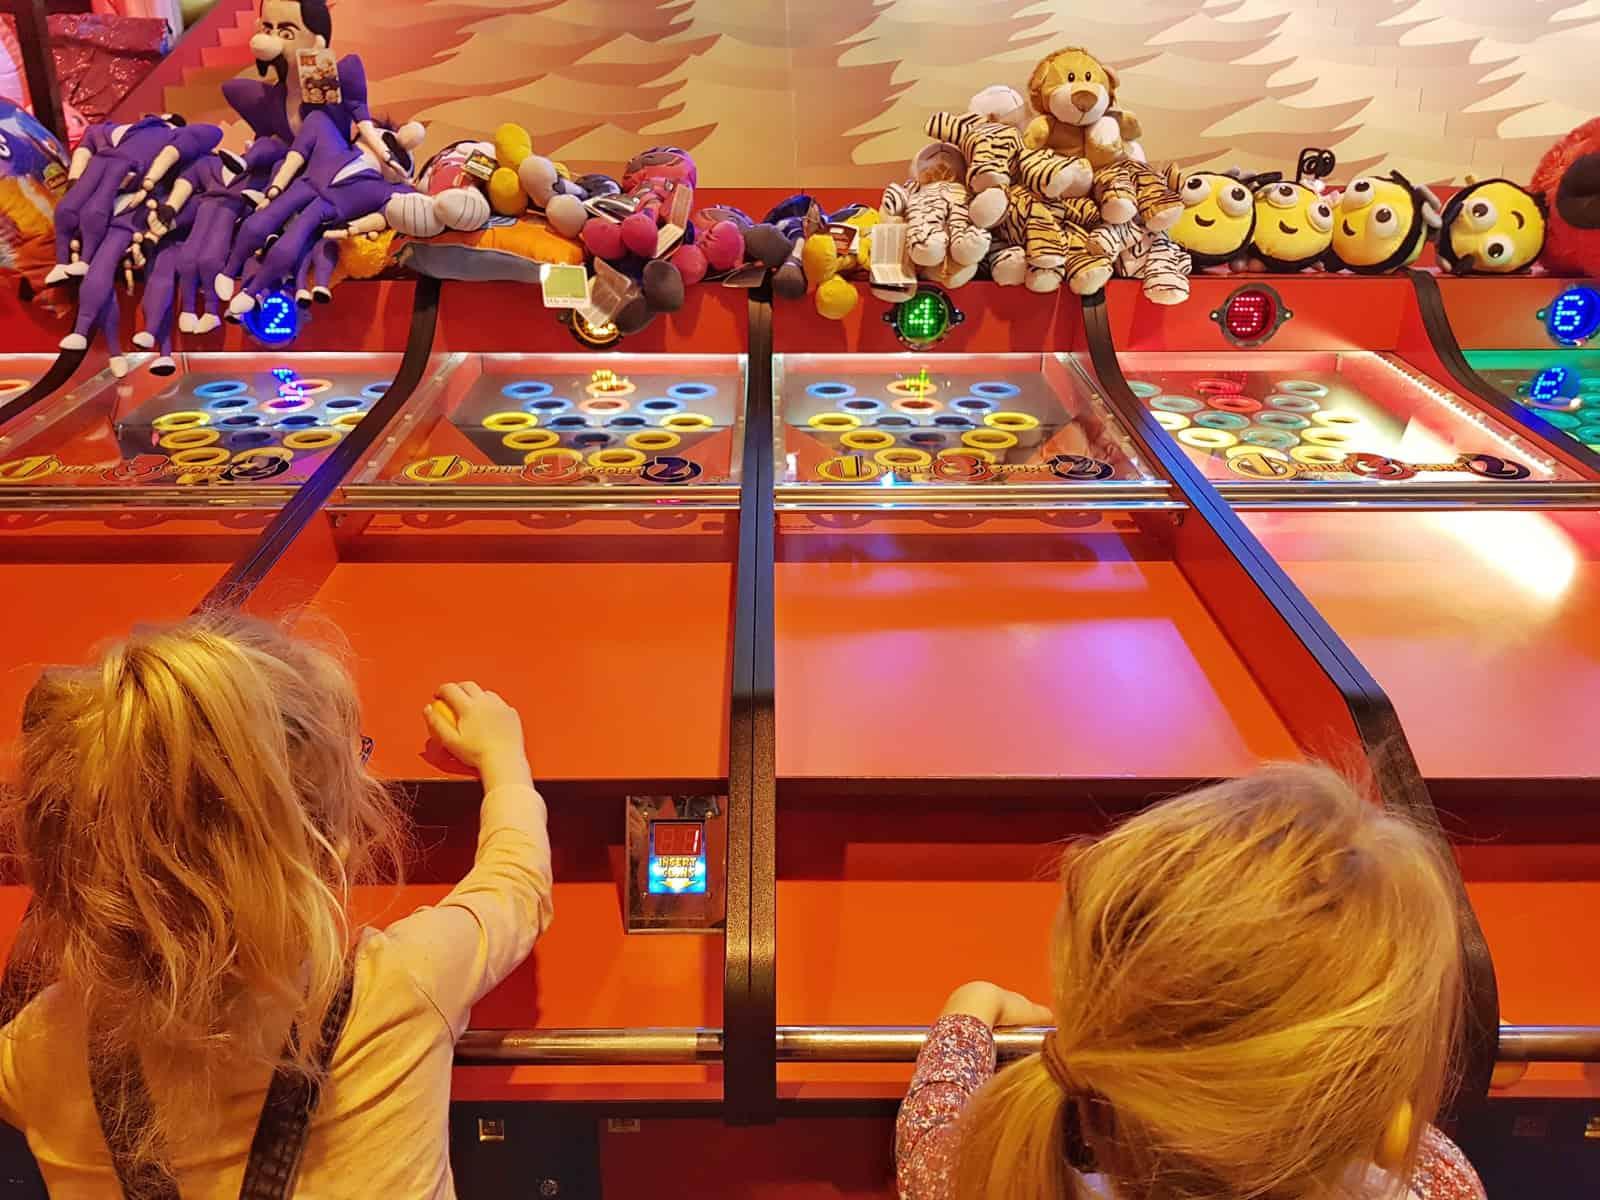 Coral Island Blackpool camel derby